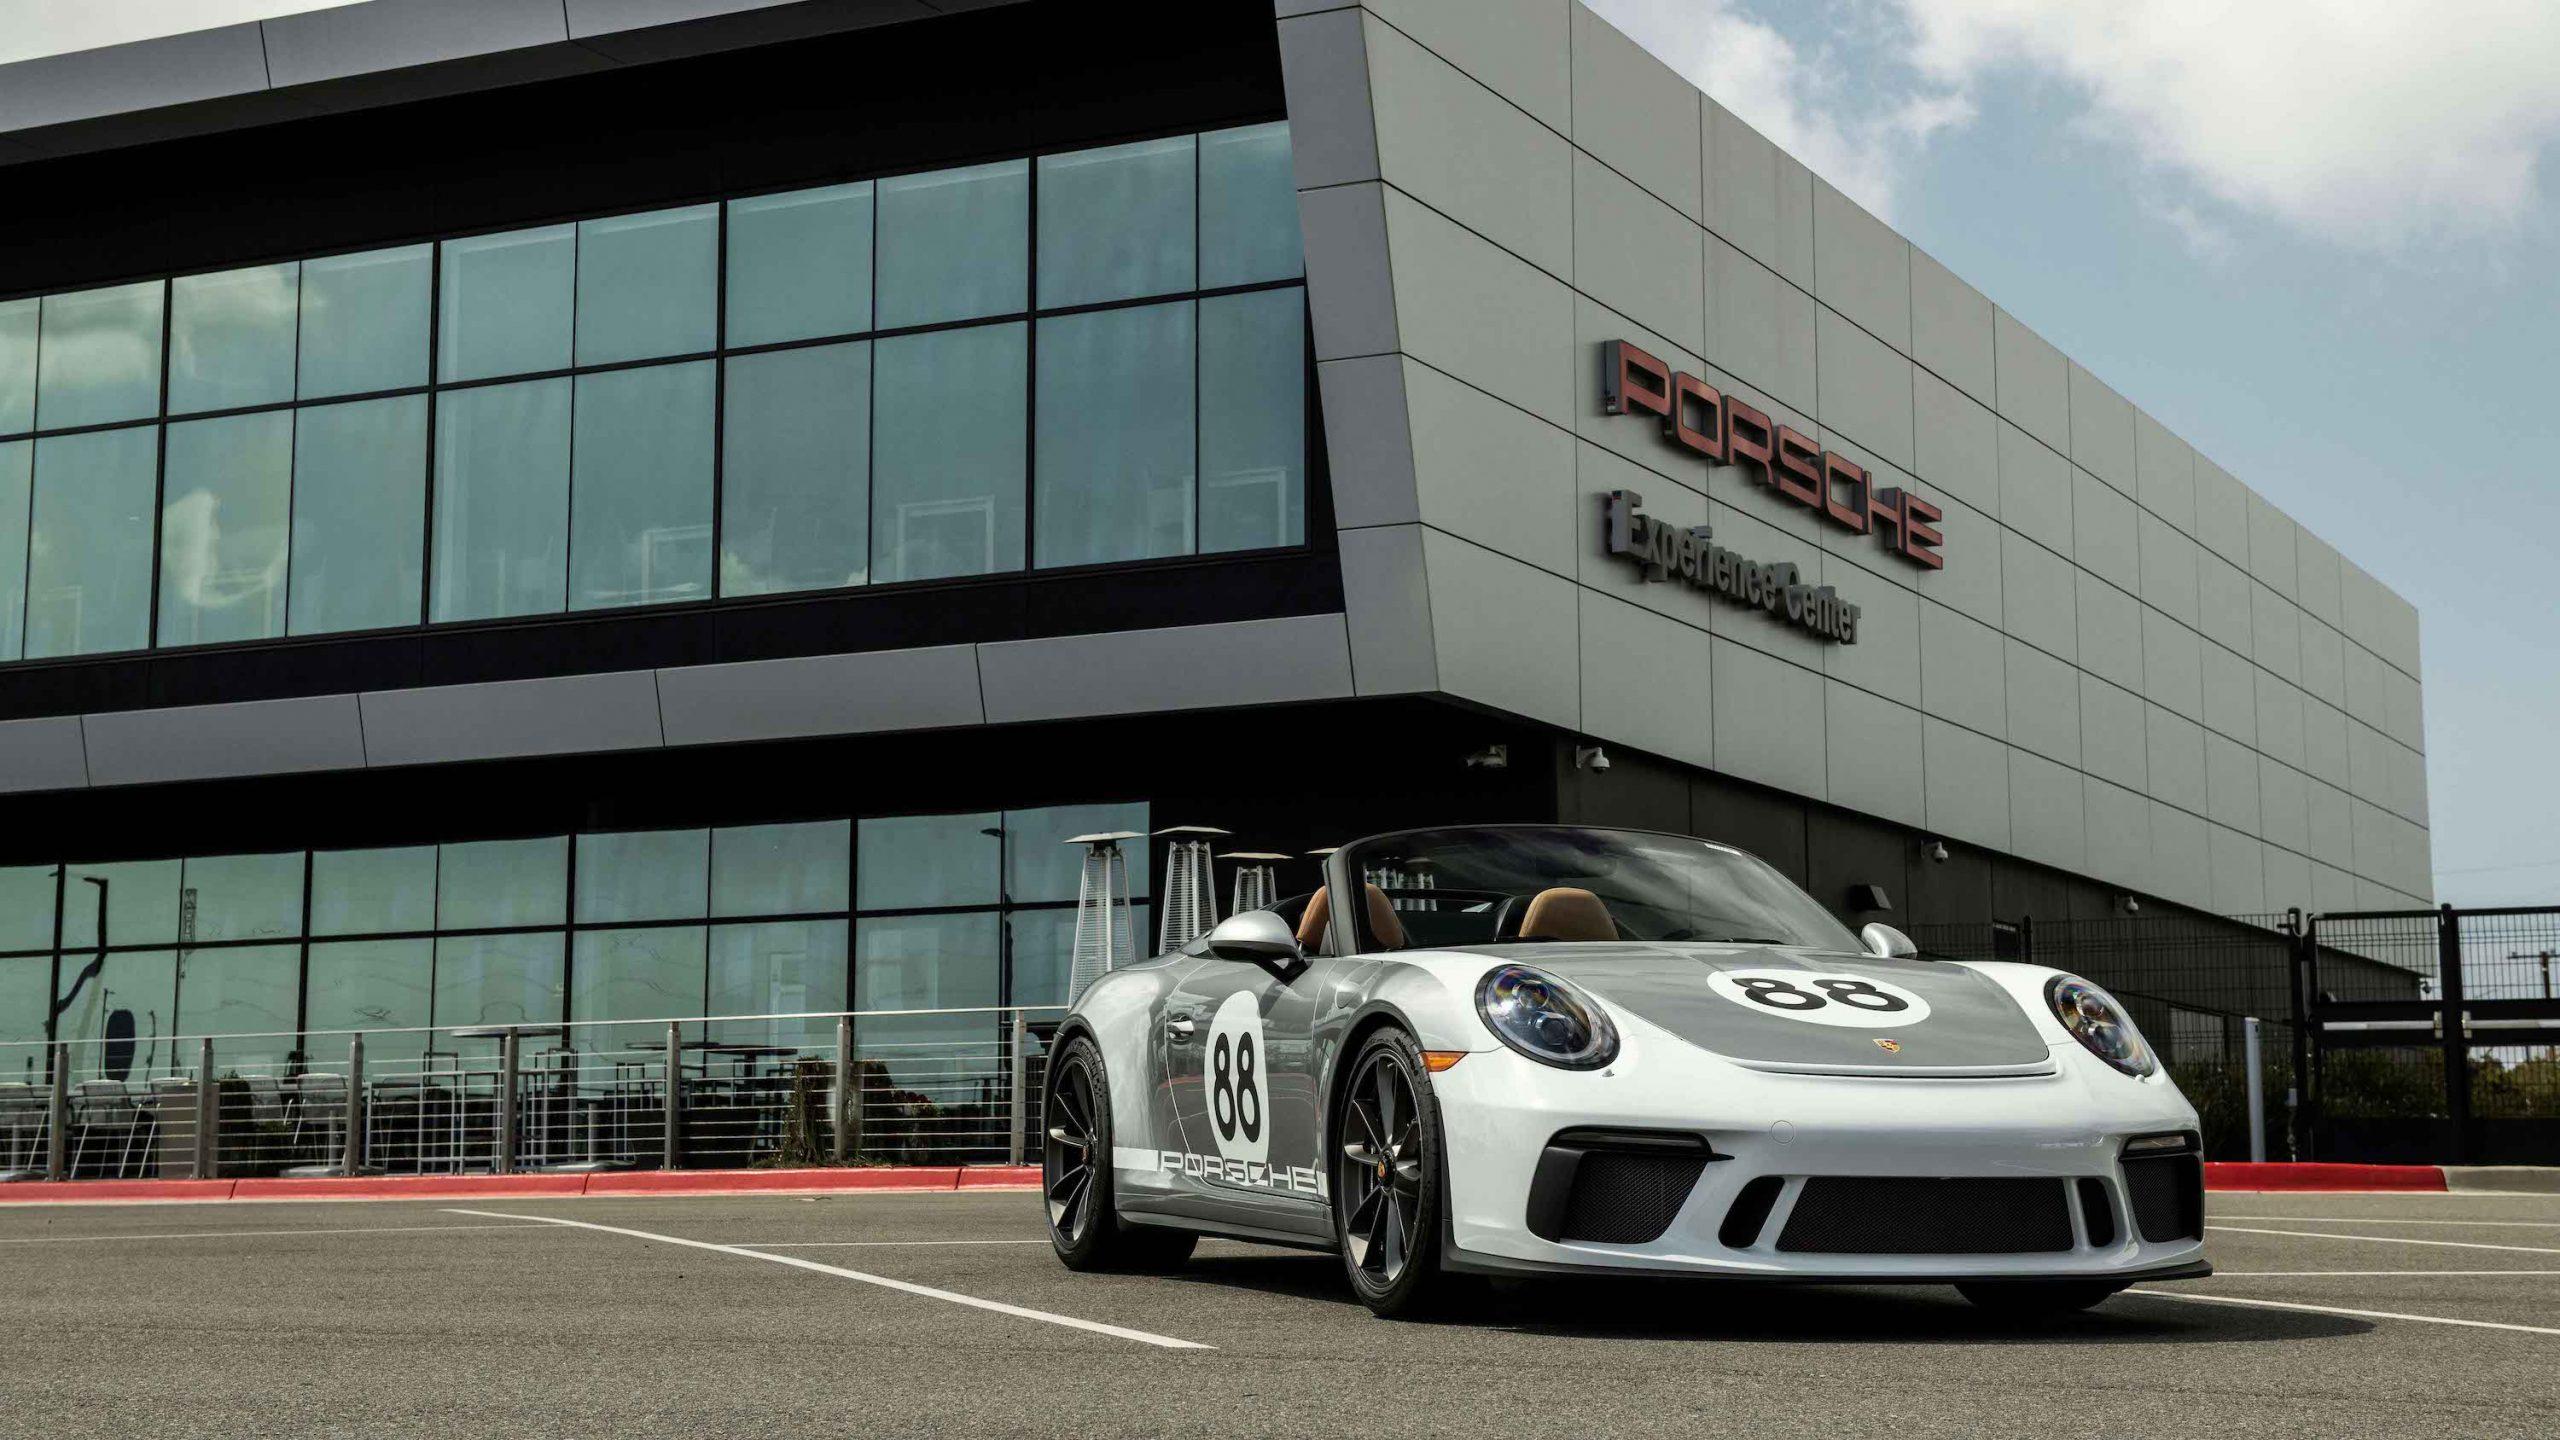 2019 Porsche 911 Speedster Heritage Design Front Three-Quarter at Experience Center